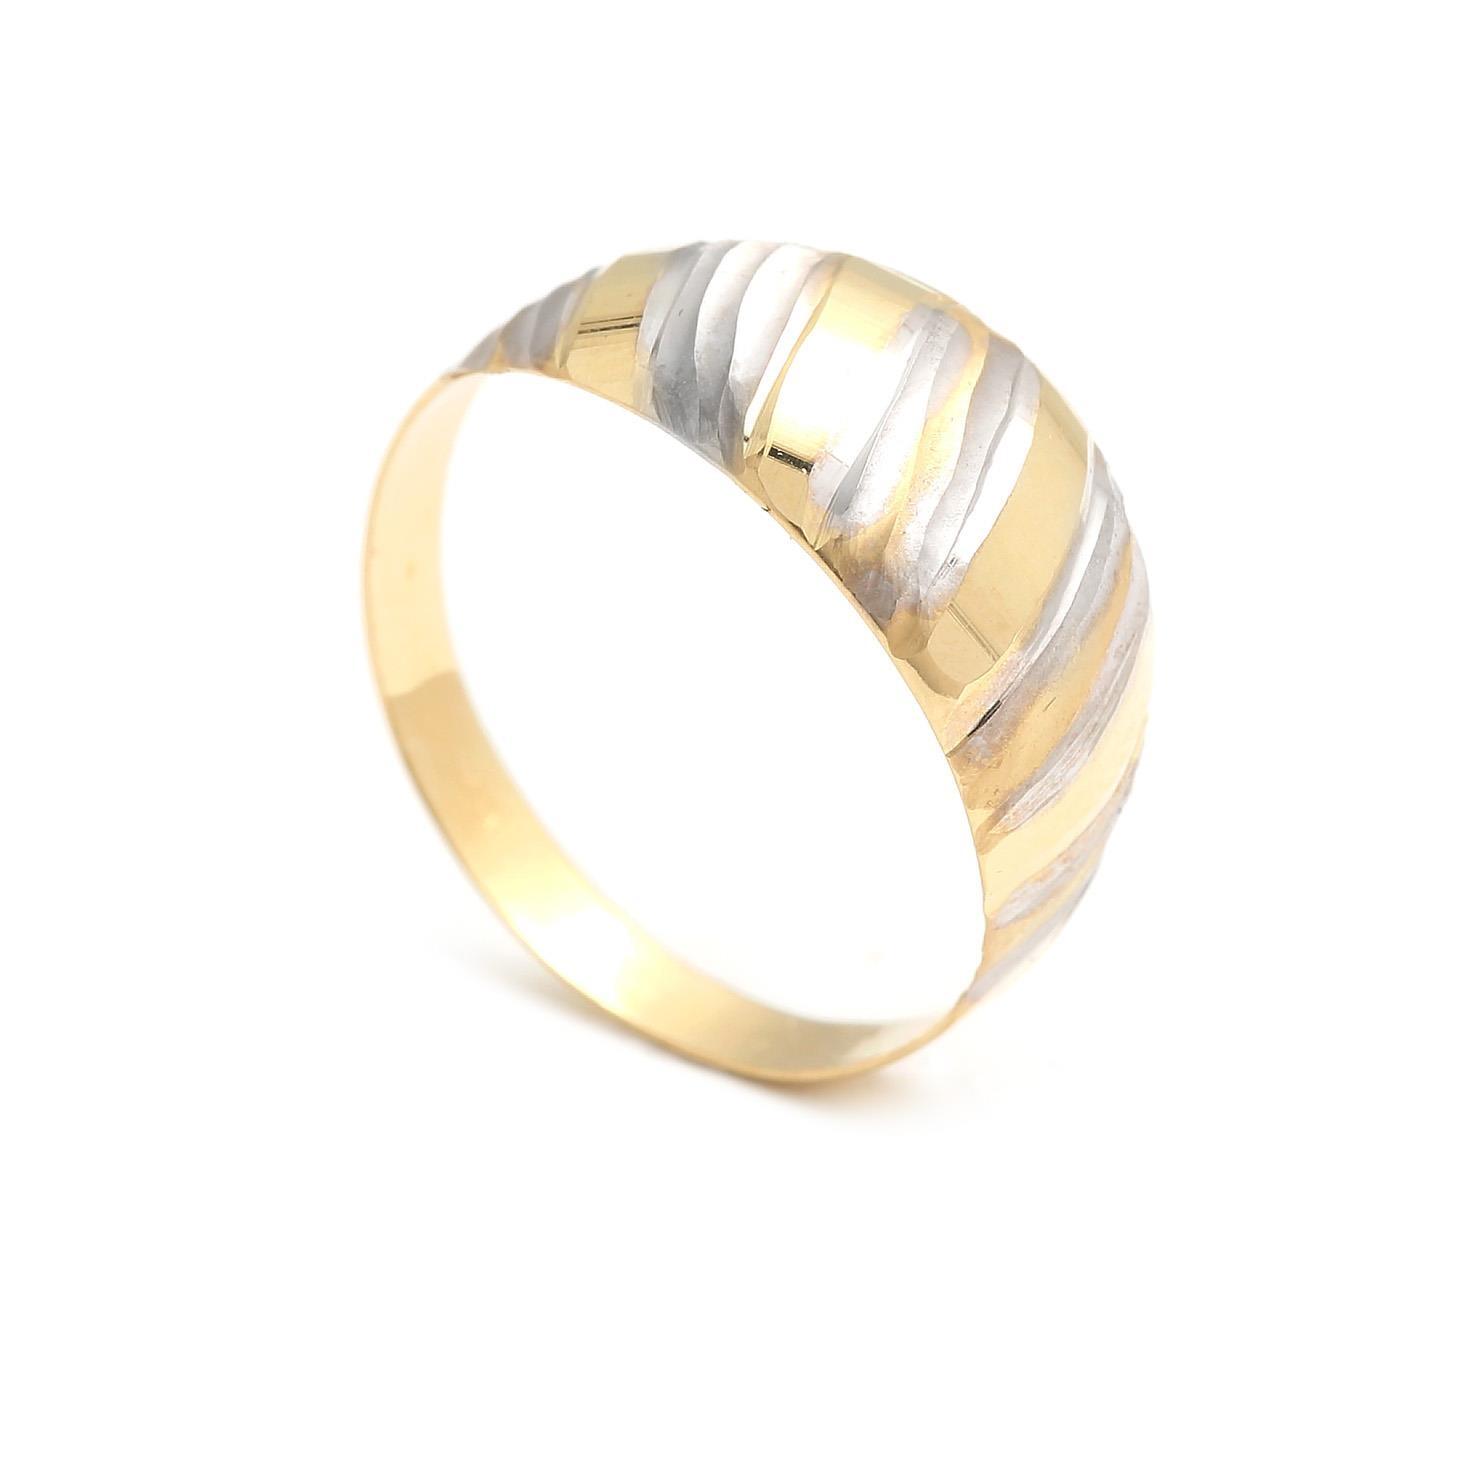 Zlatý dámský prsten LITONYA